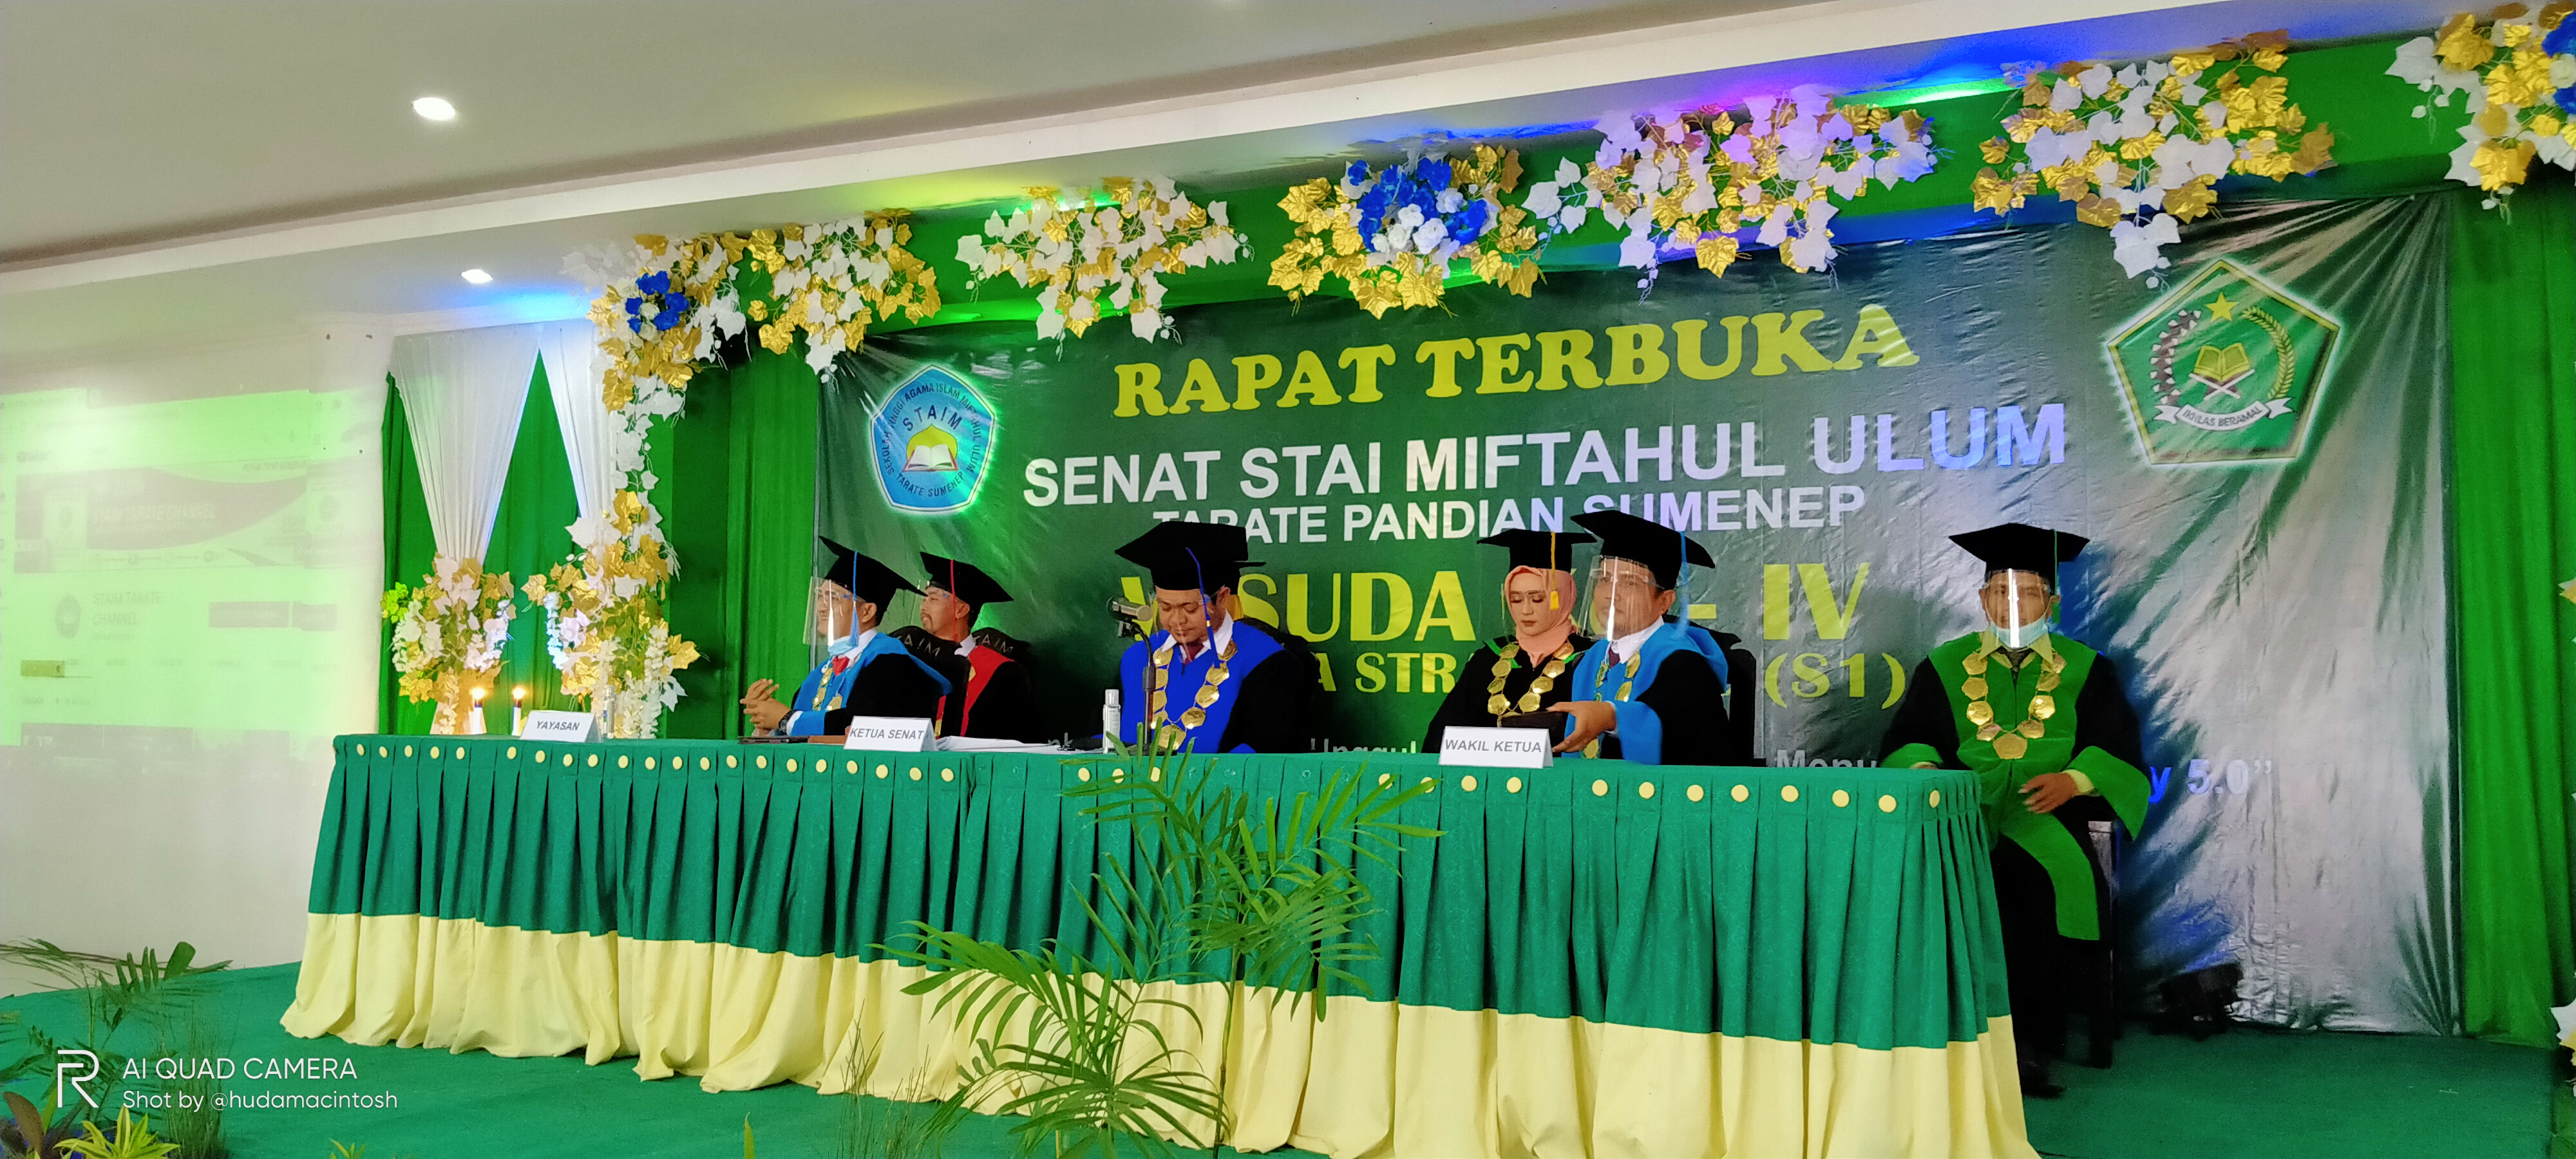 Senator STAIM Tarate Sumenep